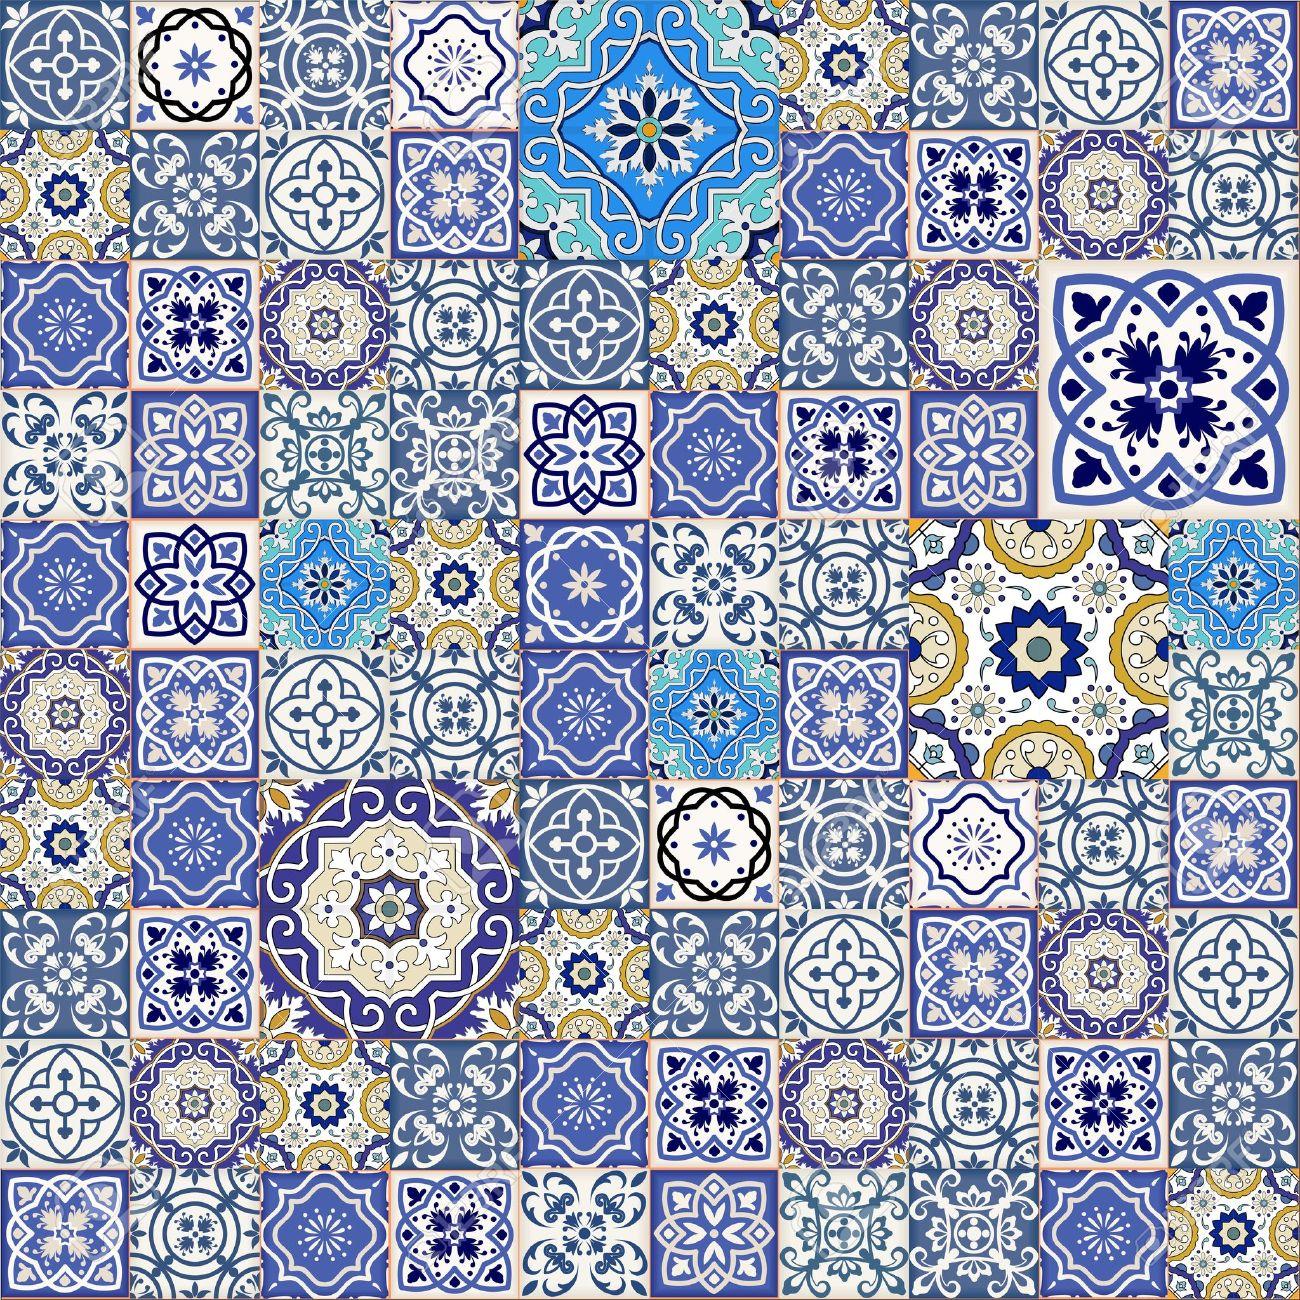 カラフルなモロッコのタイル 装飾品からメガ ゴージャスなシームレスなパッチワーク パターン Web ページの背景テクスチャ パターンの塗りつぶしの壁紙に使用できます のイラスト素材 ベクタ Image